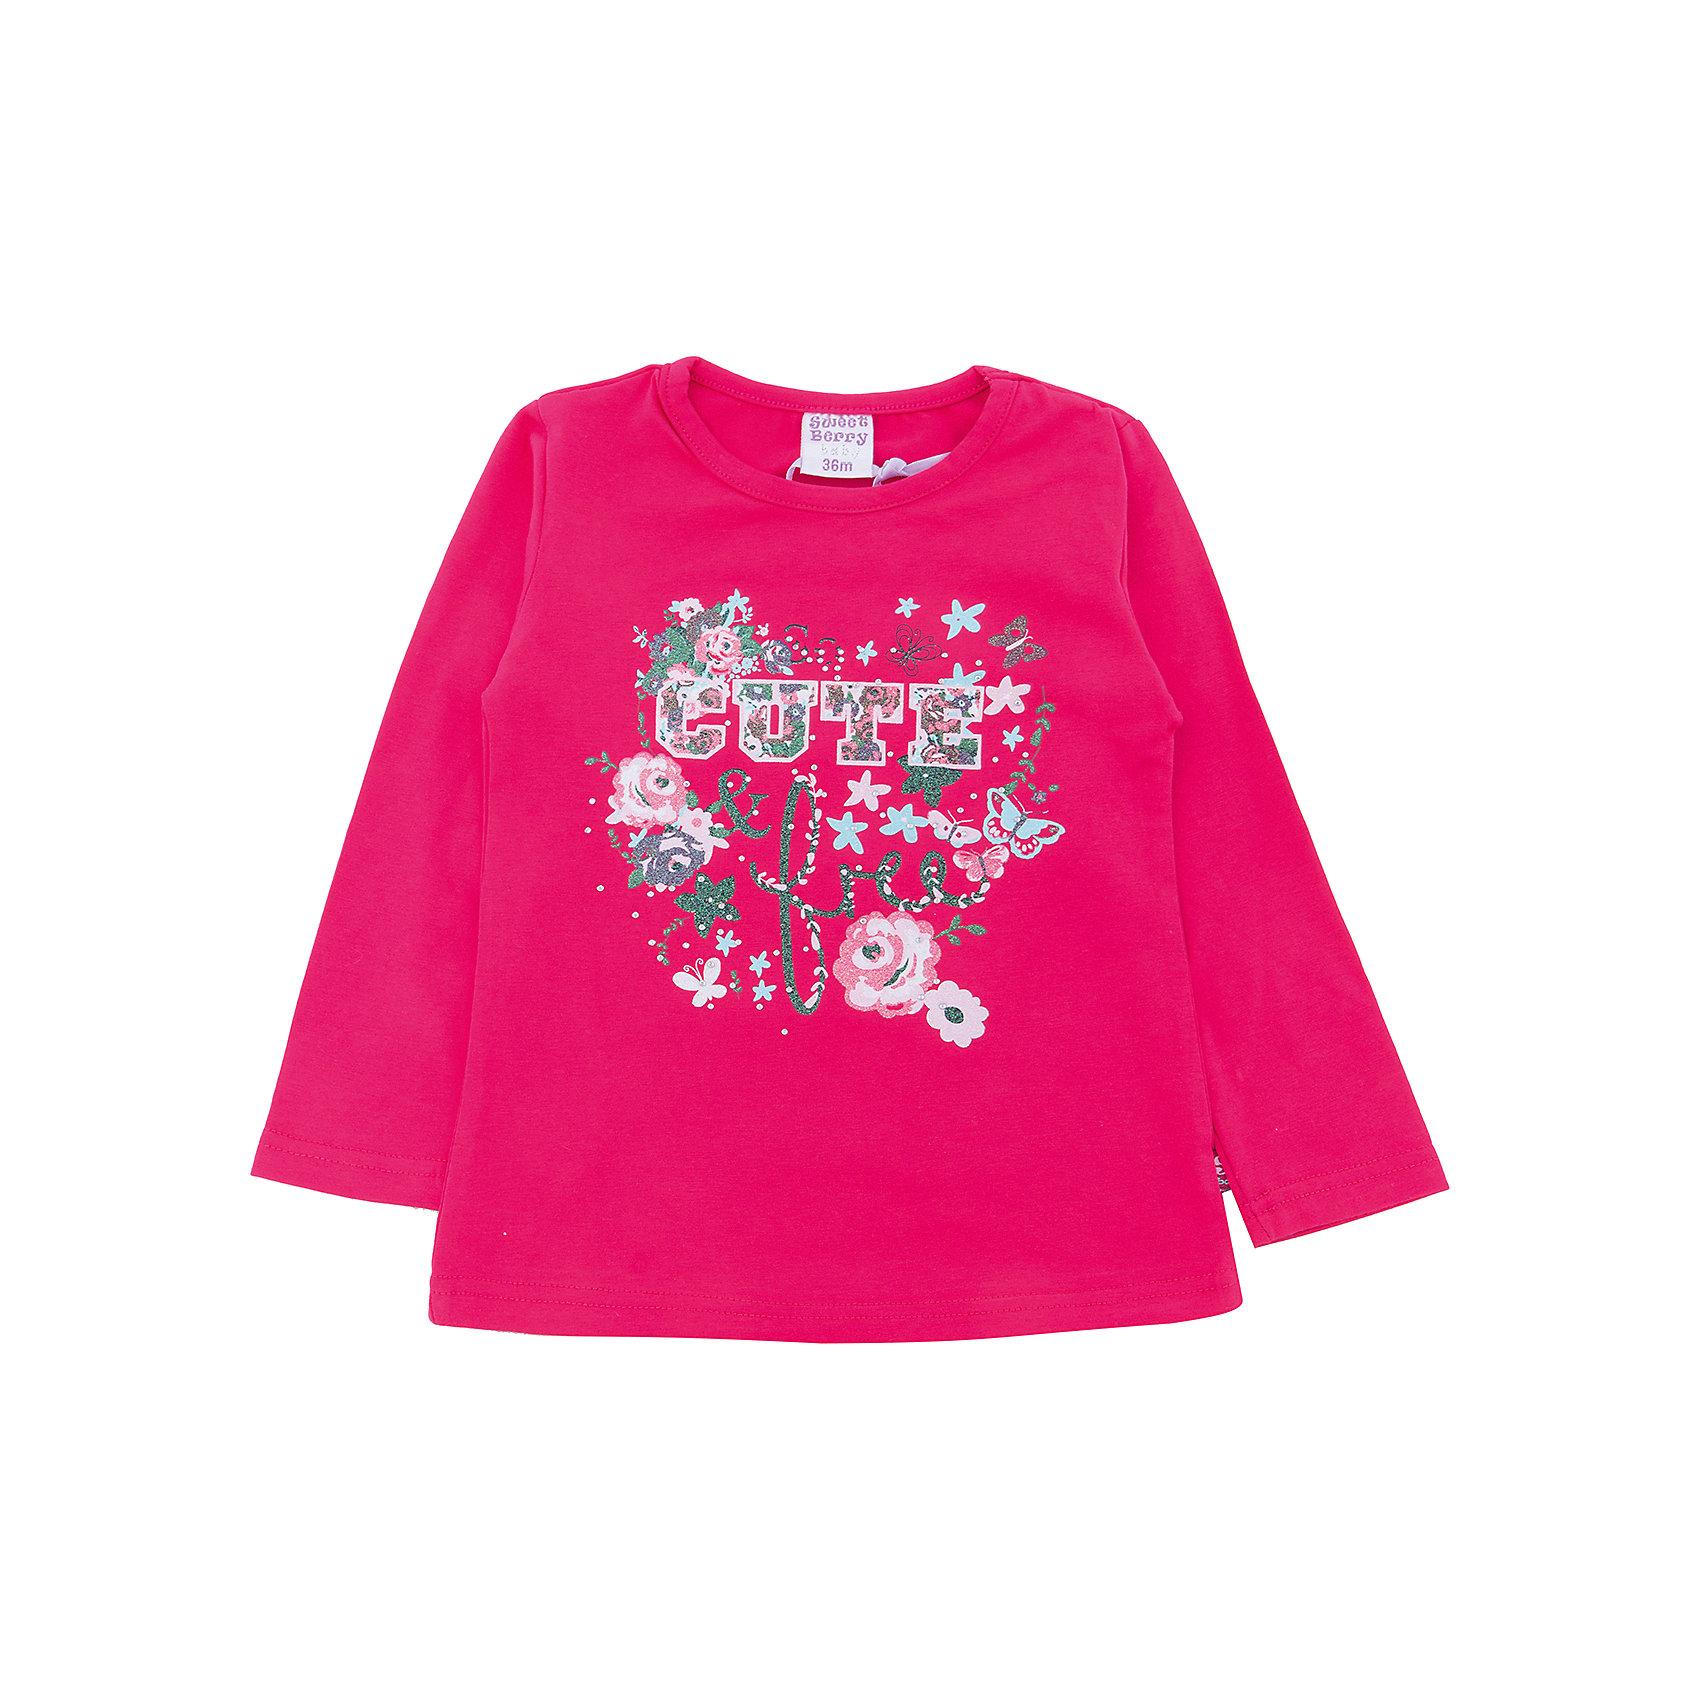 Футболка Sweet Berry для девочкиФутболки с длинным рукавом<br>Футболка Sweet Berry для девочки<br>Яркая трикотажная футболка с длинным рукавом малинового цвета для девочки, декорированное ярким принтом. Округлый вырез горловины.<br>Состав:<br>95% хлопок, 5% эластан<br><br>Ширина мм: 199<br>Глубина мм: 10<br>Высота мм: 161<br>Вес г: 151<br>Цвет: розовый<br>Возраст от месяцев: 24<br>Возраст до месяцев: 36<br>Пол: Женский<br>Возраст: Детский<br>Размер: 98,80,86,92<br>SKU: 7095694